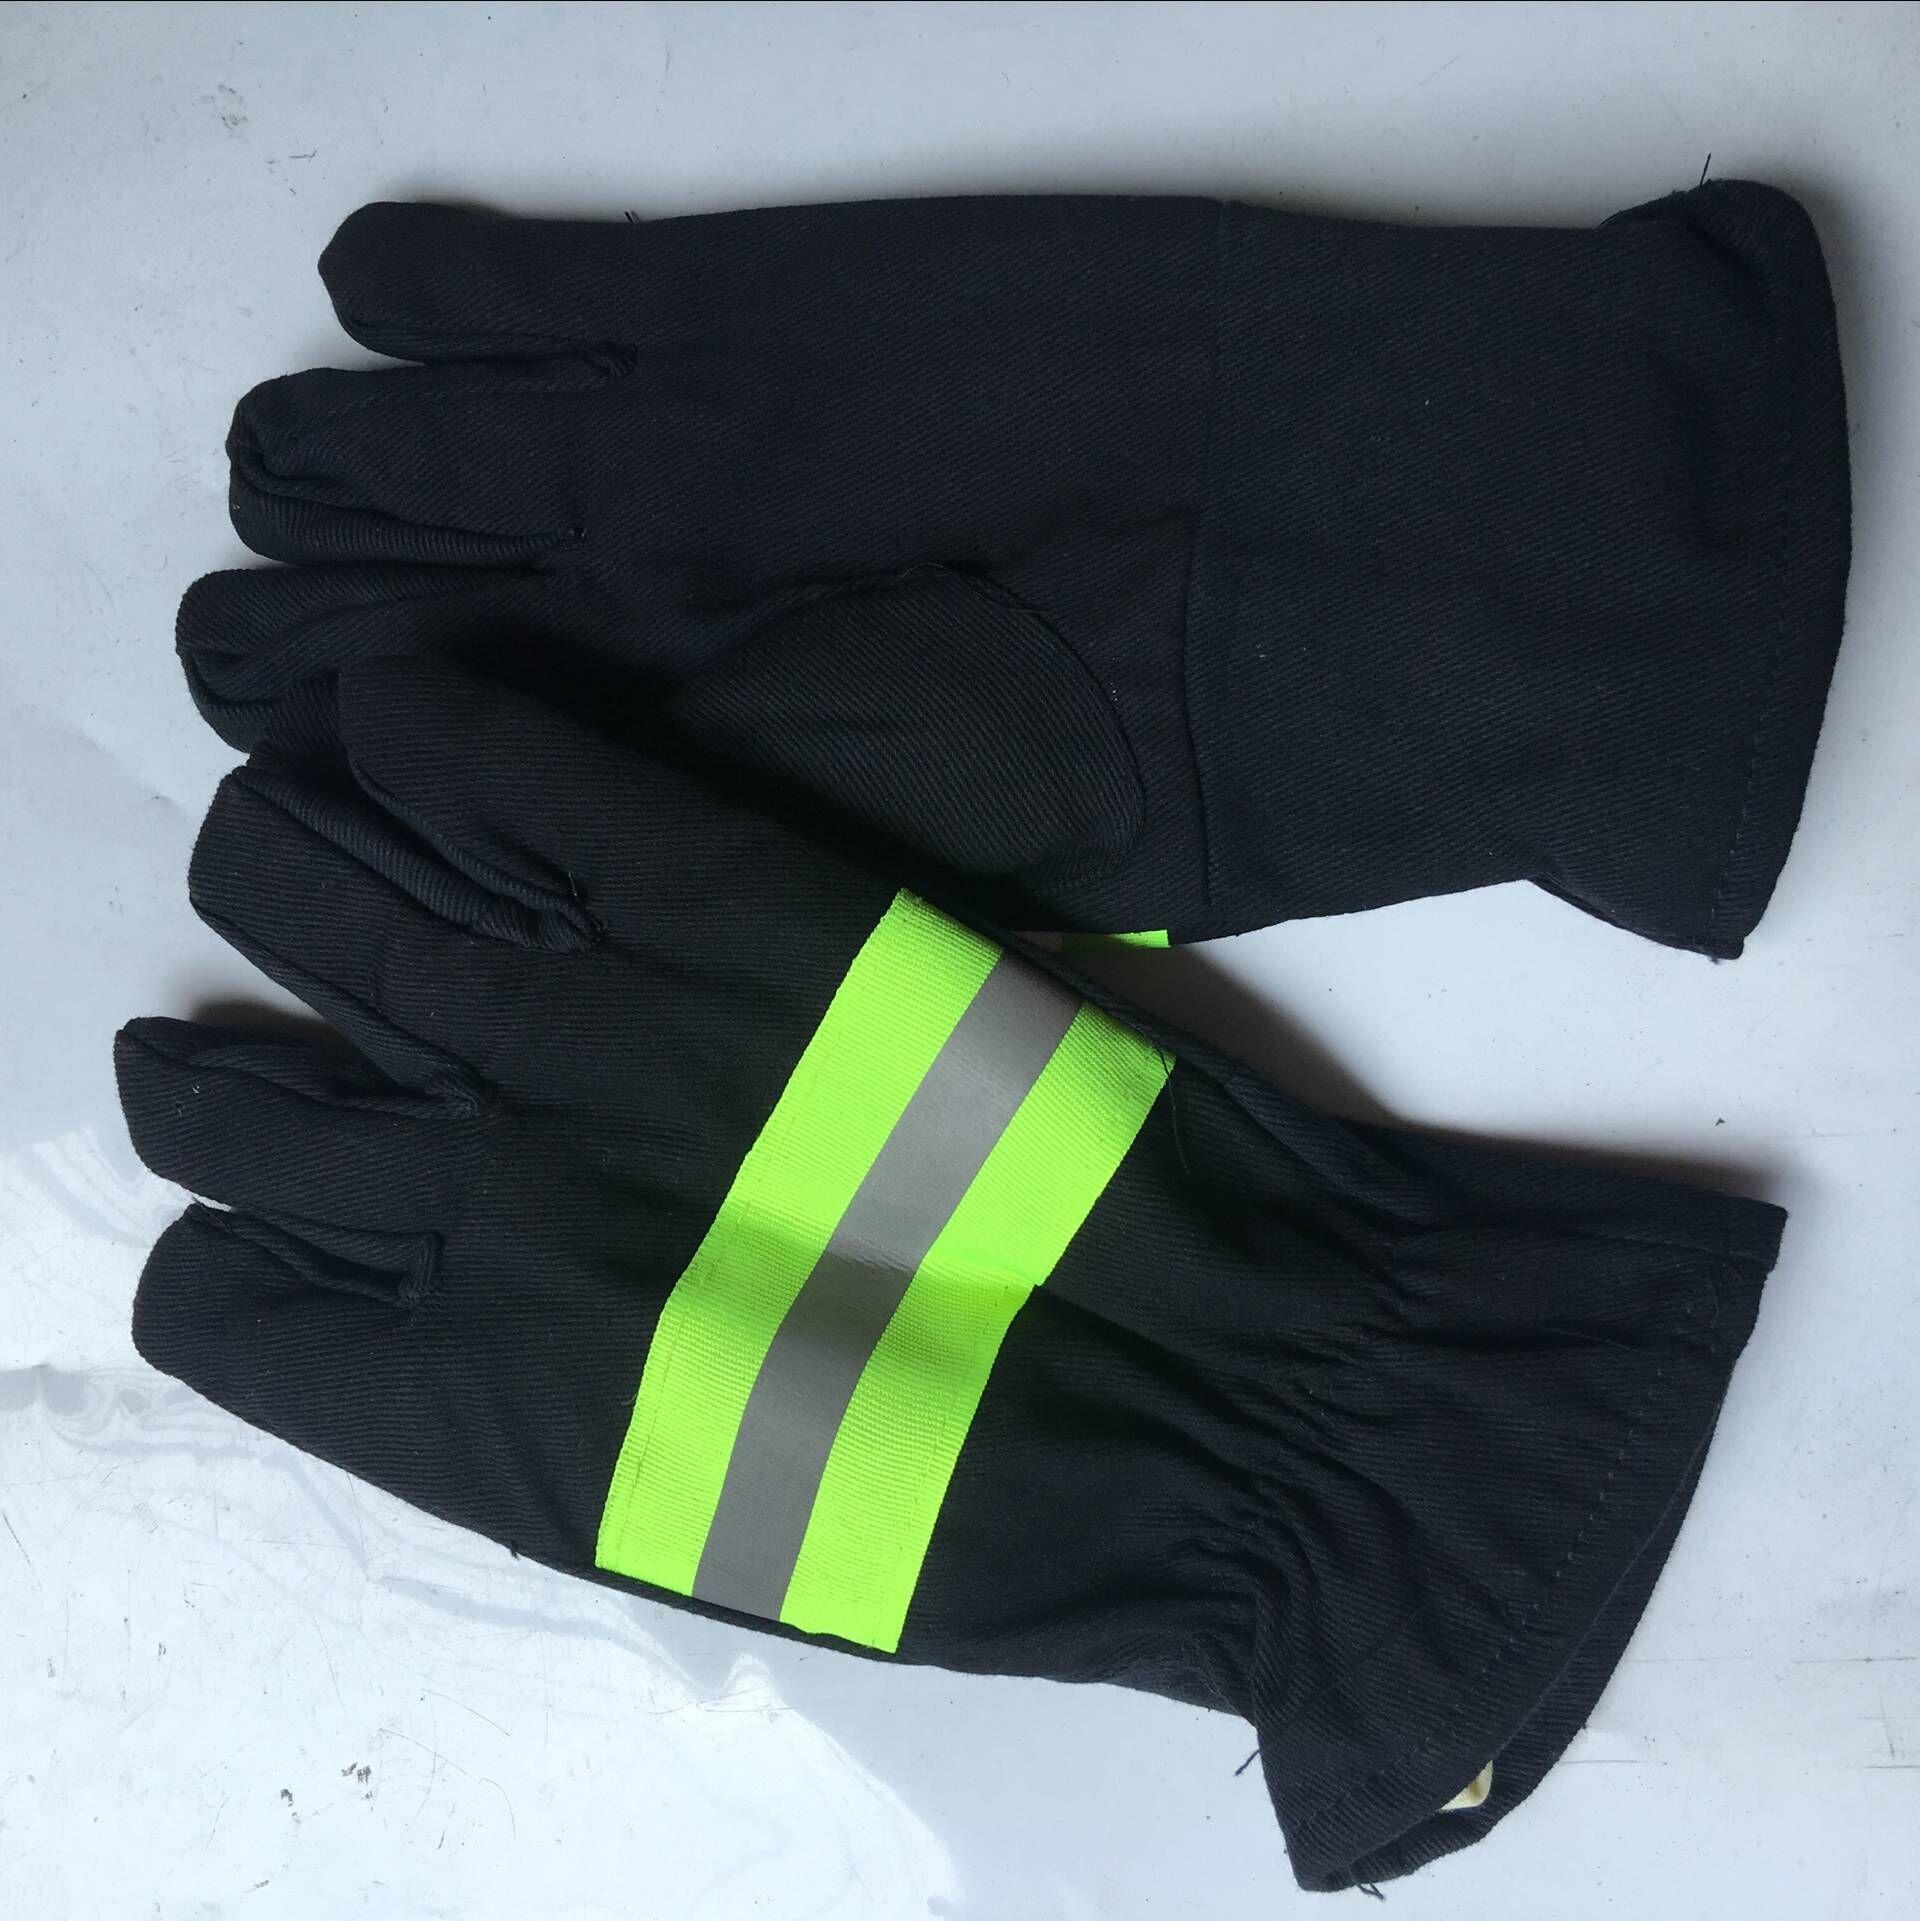 火灾手套防护手套防滑手套可配消防服套装逃生